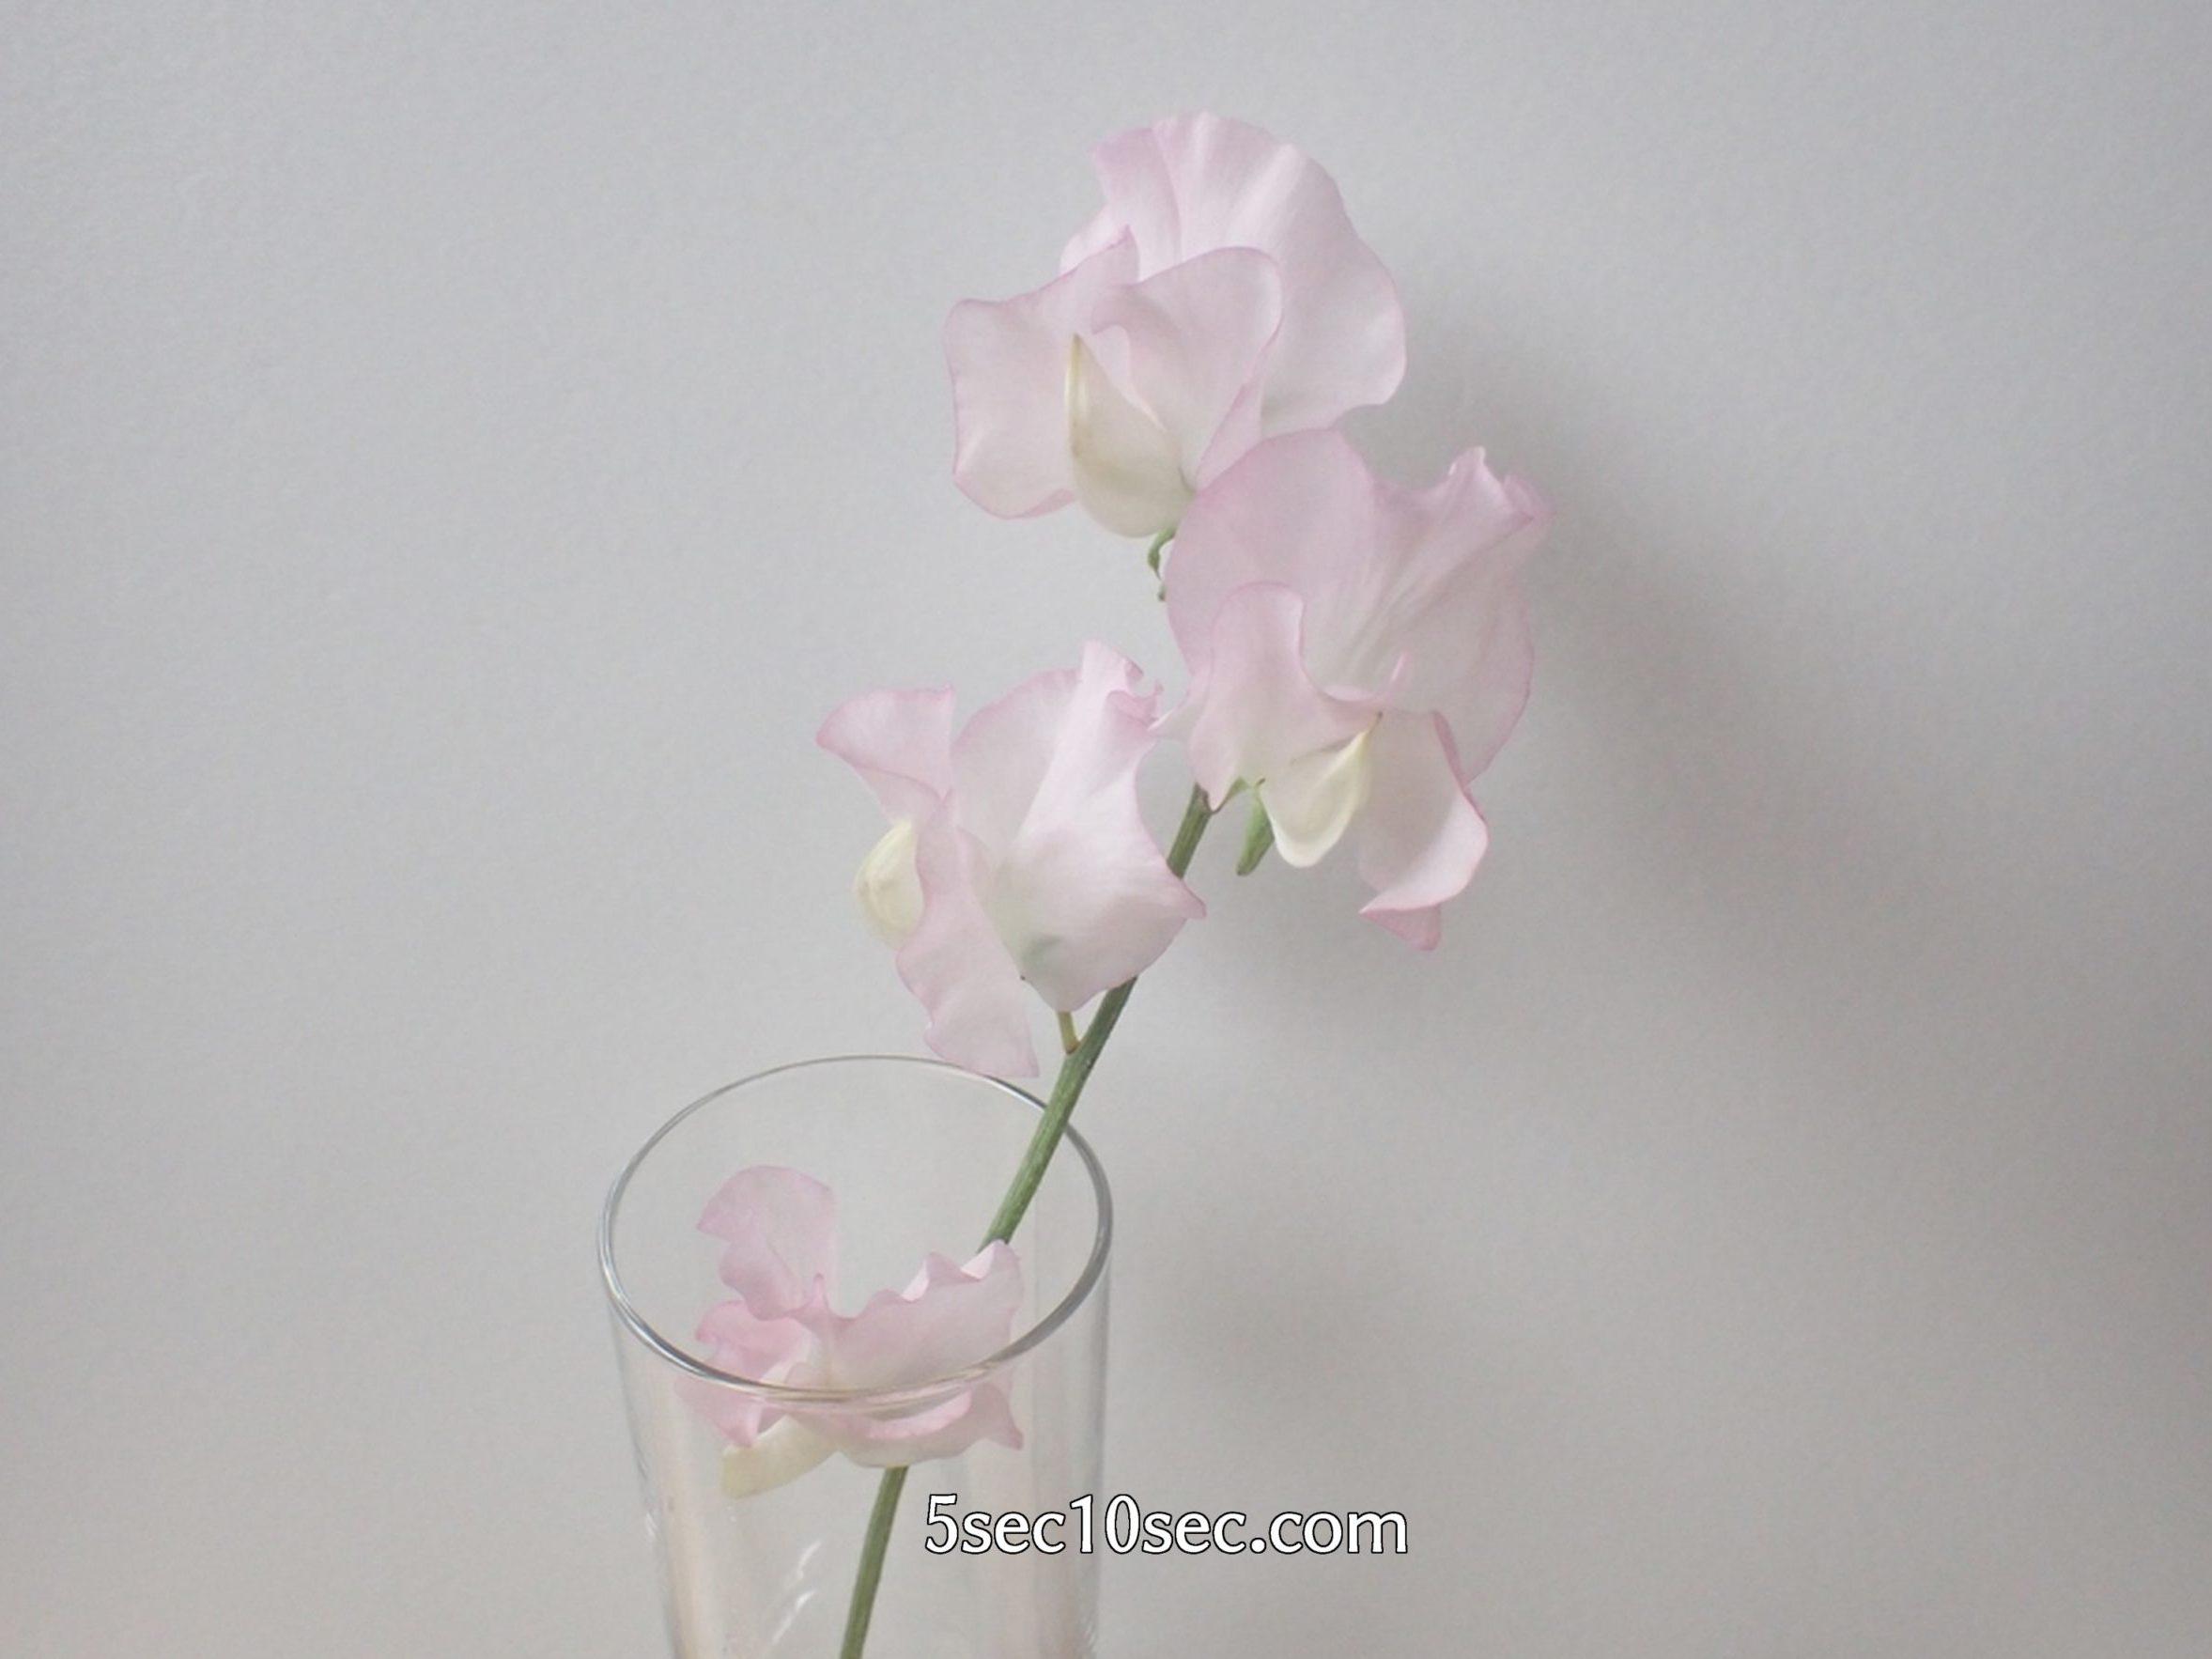 株式会社Crunch Style お花の定期便 Bloomee LIFE ブルーミーライフ レギュラープラン スイトピー